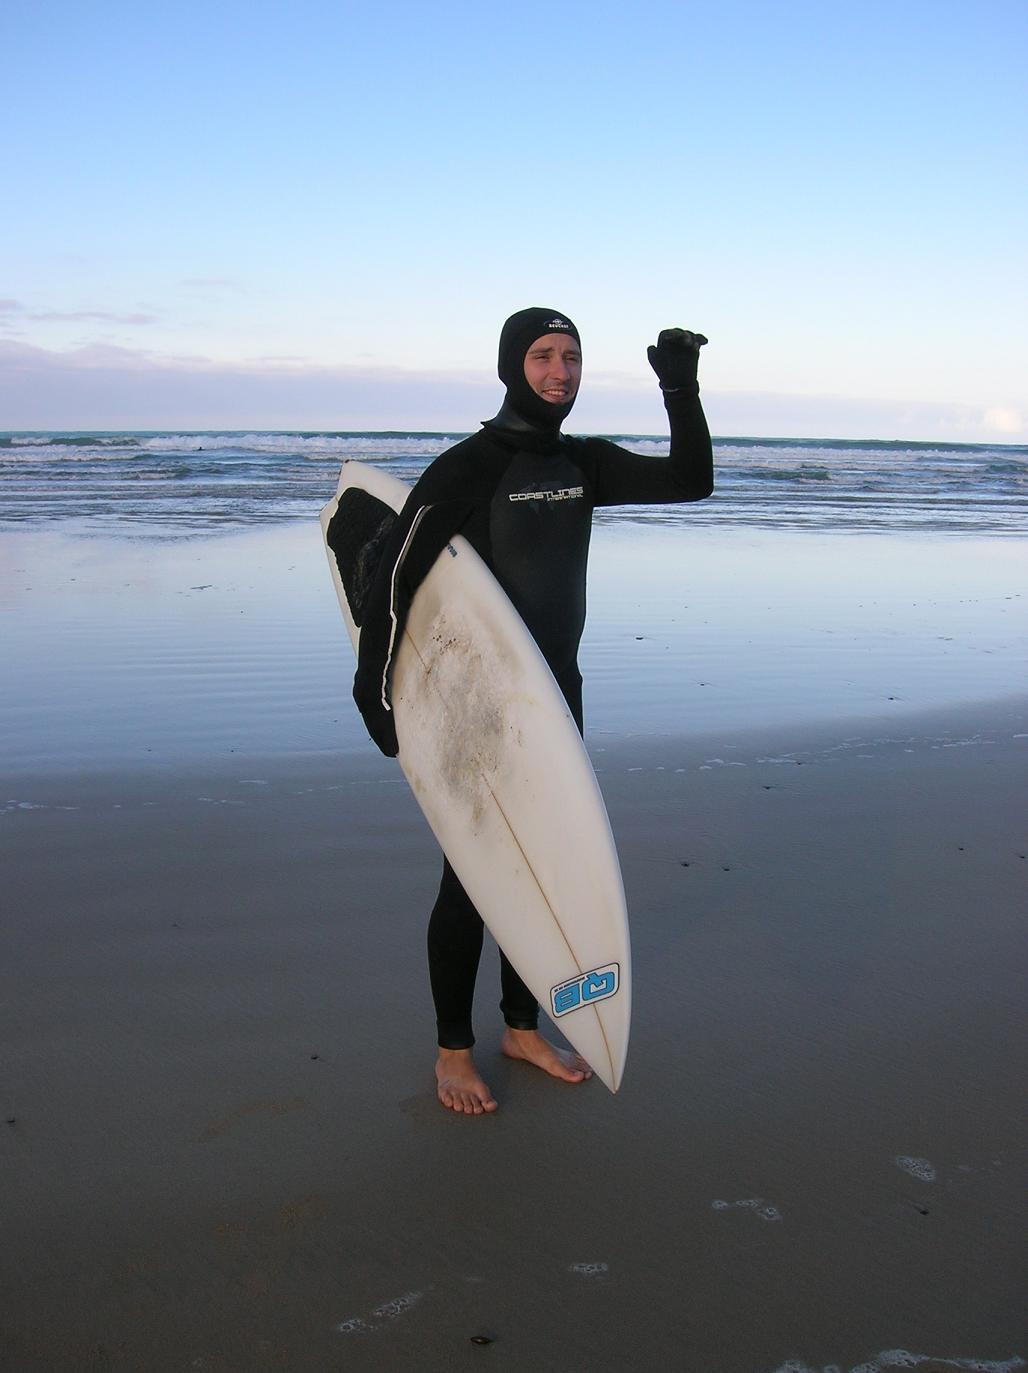 Surf Dude oder Smurf Dude?